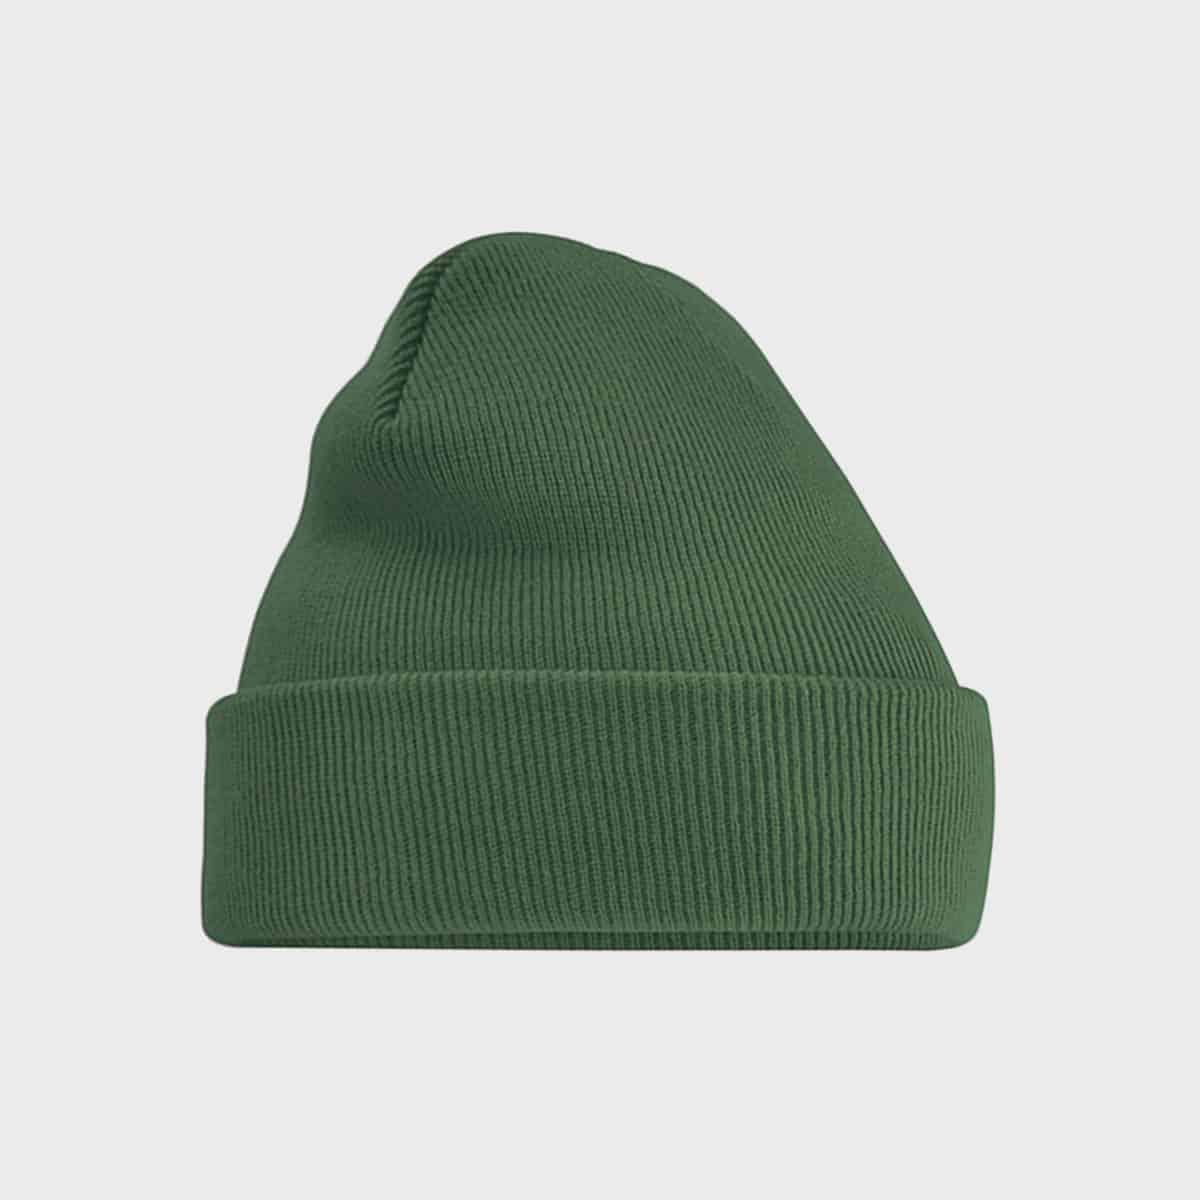 Mütze-Original-Cuffed-Beanie-kaufen-besticken_StickManufaktur